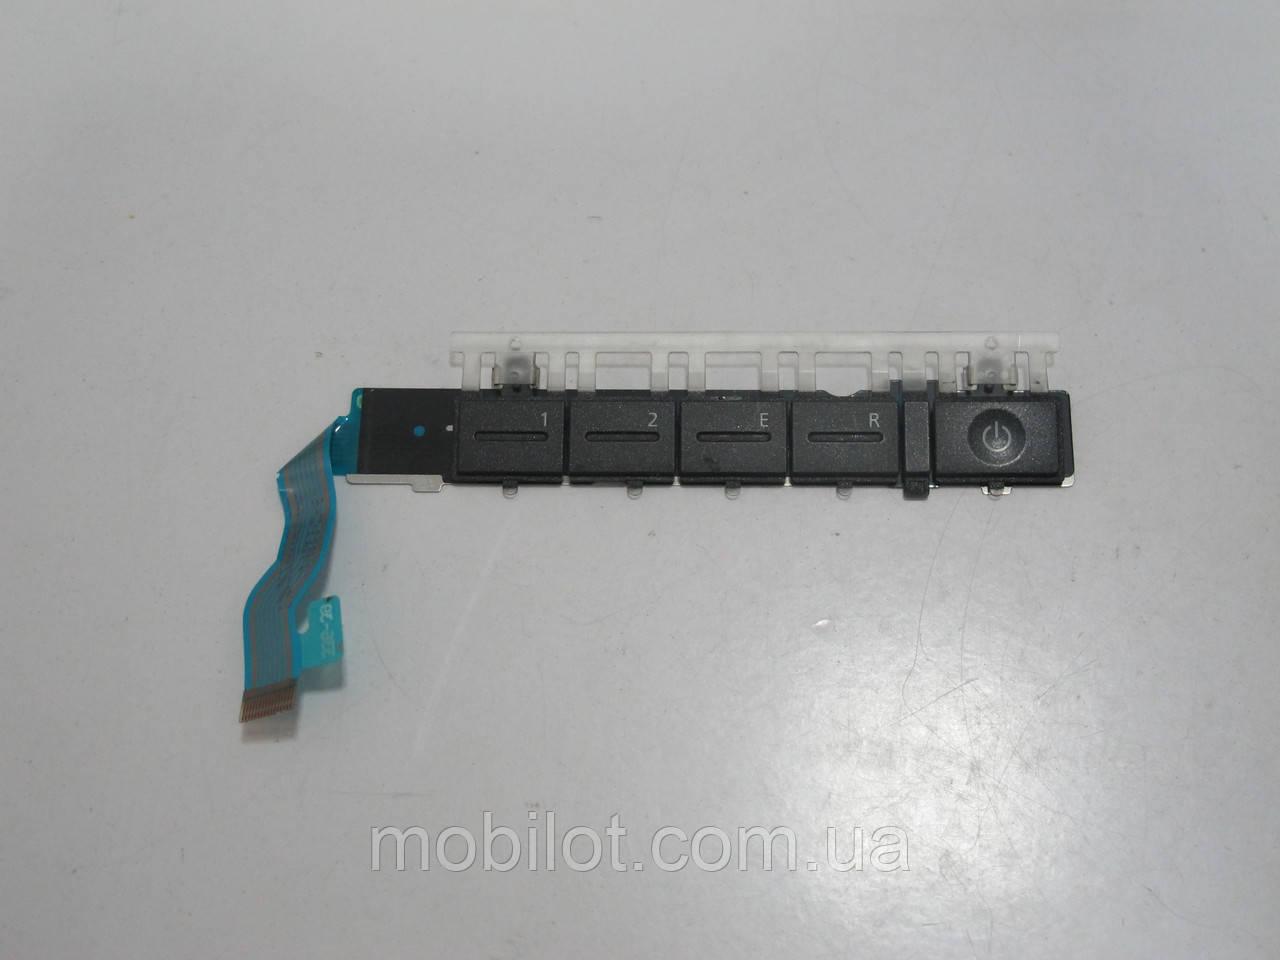 Кнопка включения Fujitsu S7110 (NZ-6907)